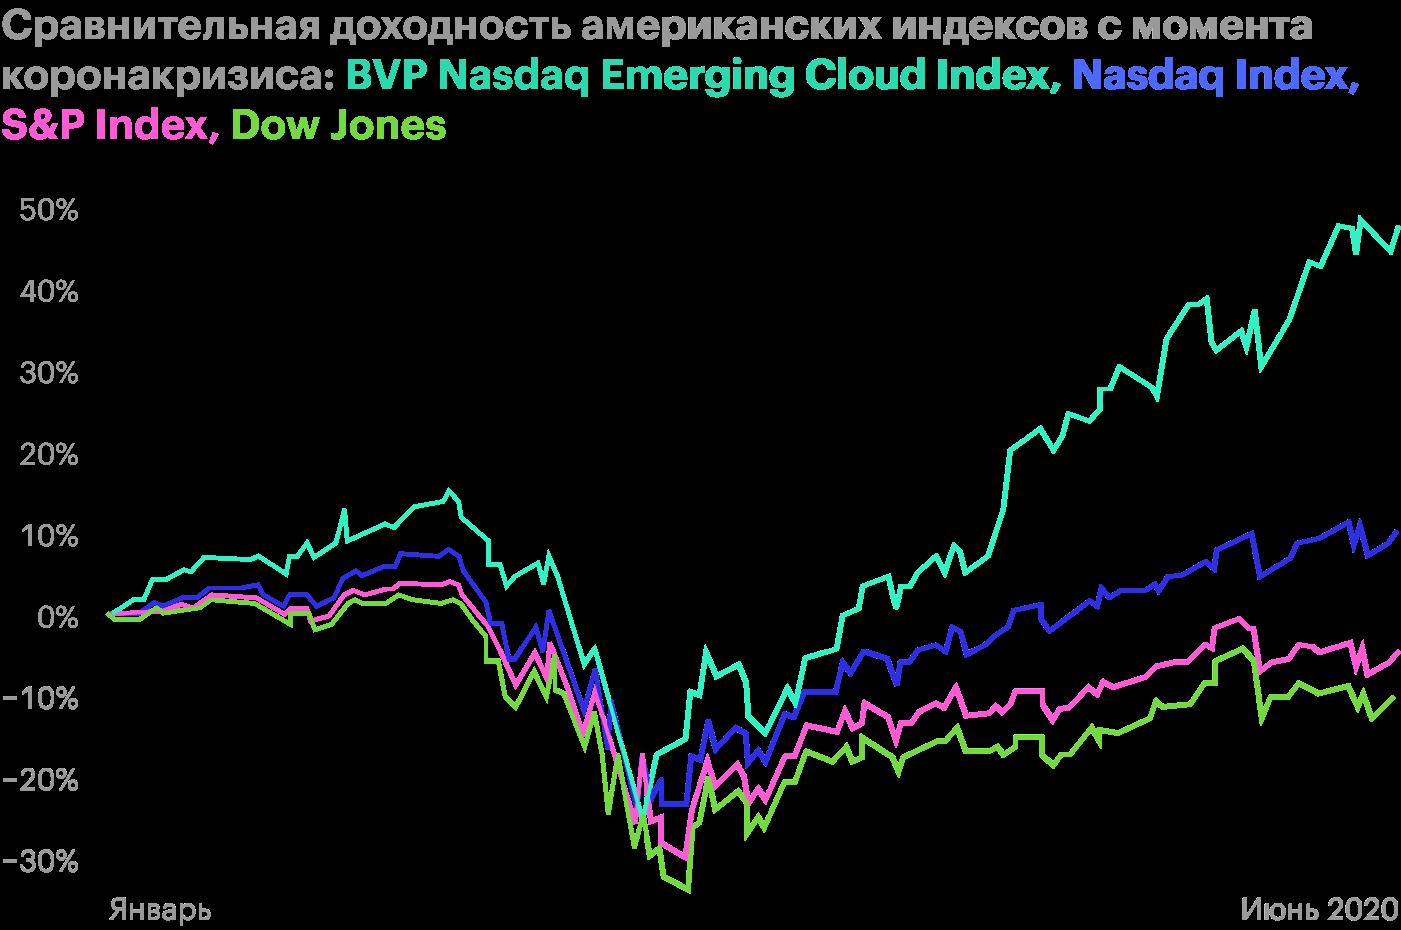 BVP Nasdaq Emerging Cloud Index — набор акций SaaS-компаний, NasdaqIndex — набор технологических акций, S&P;Index — набор 500акций крупнейших компаний на американском фондовом рынке, DowJones — набор акций 30 крупнейших американских компаний. Источник: Mike